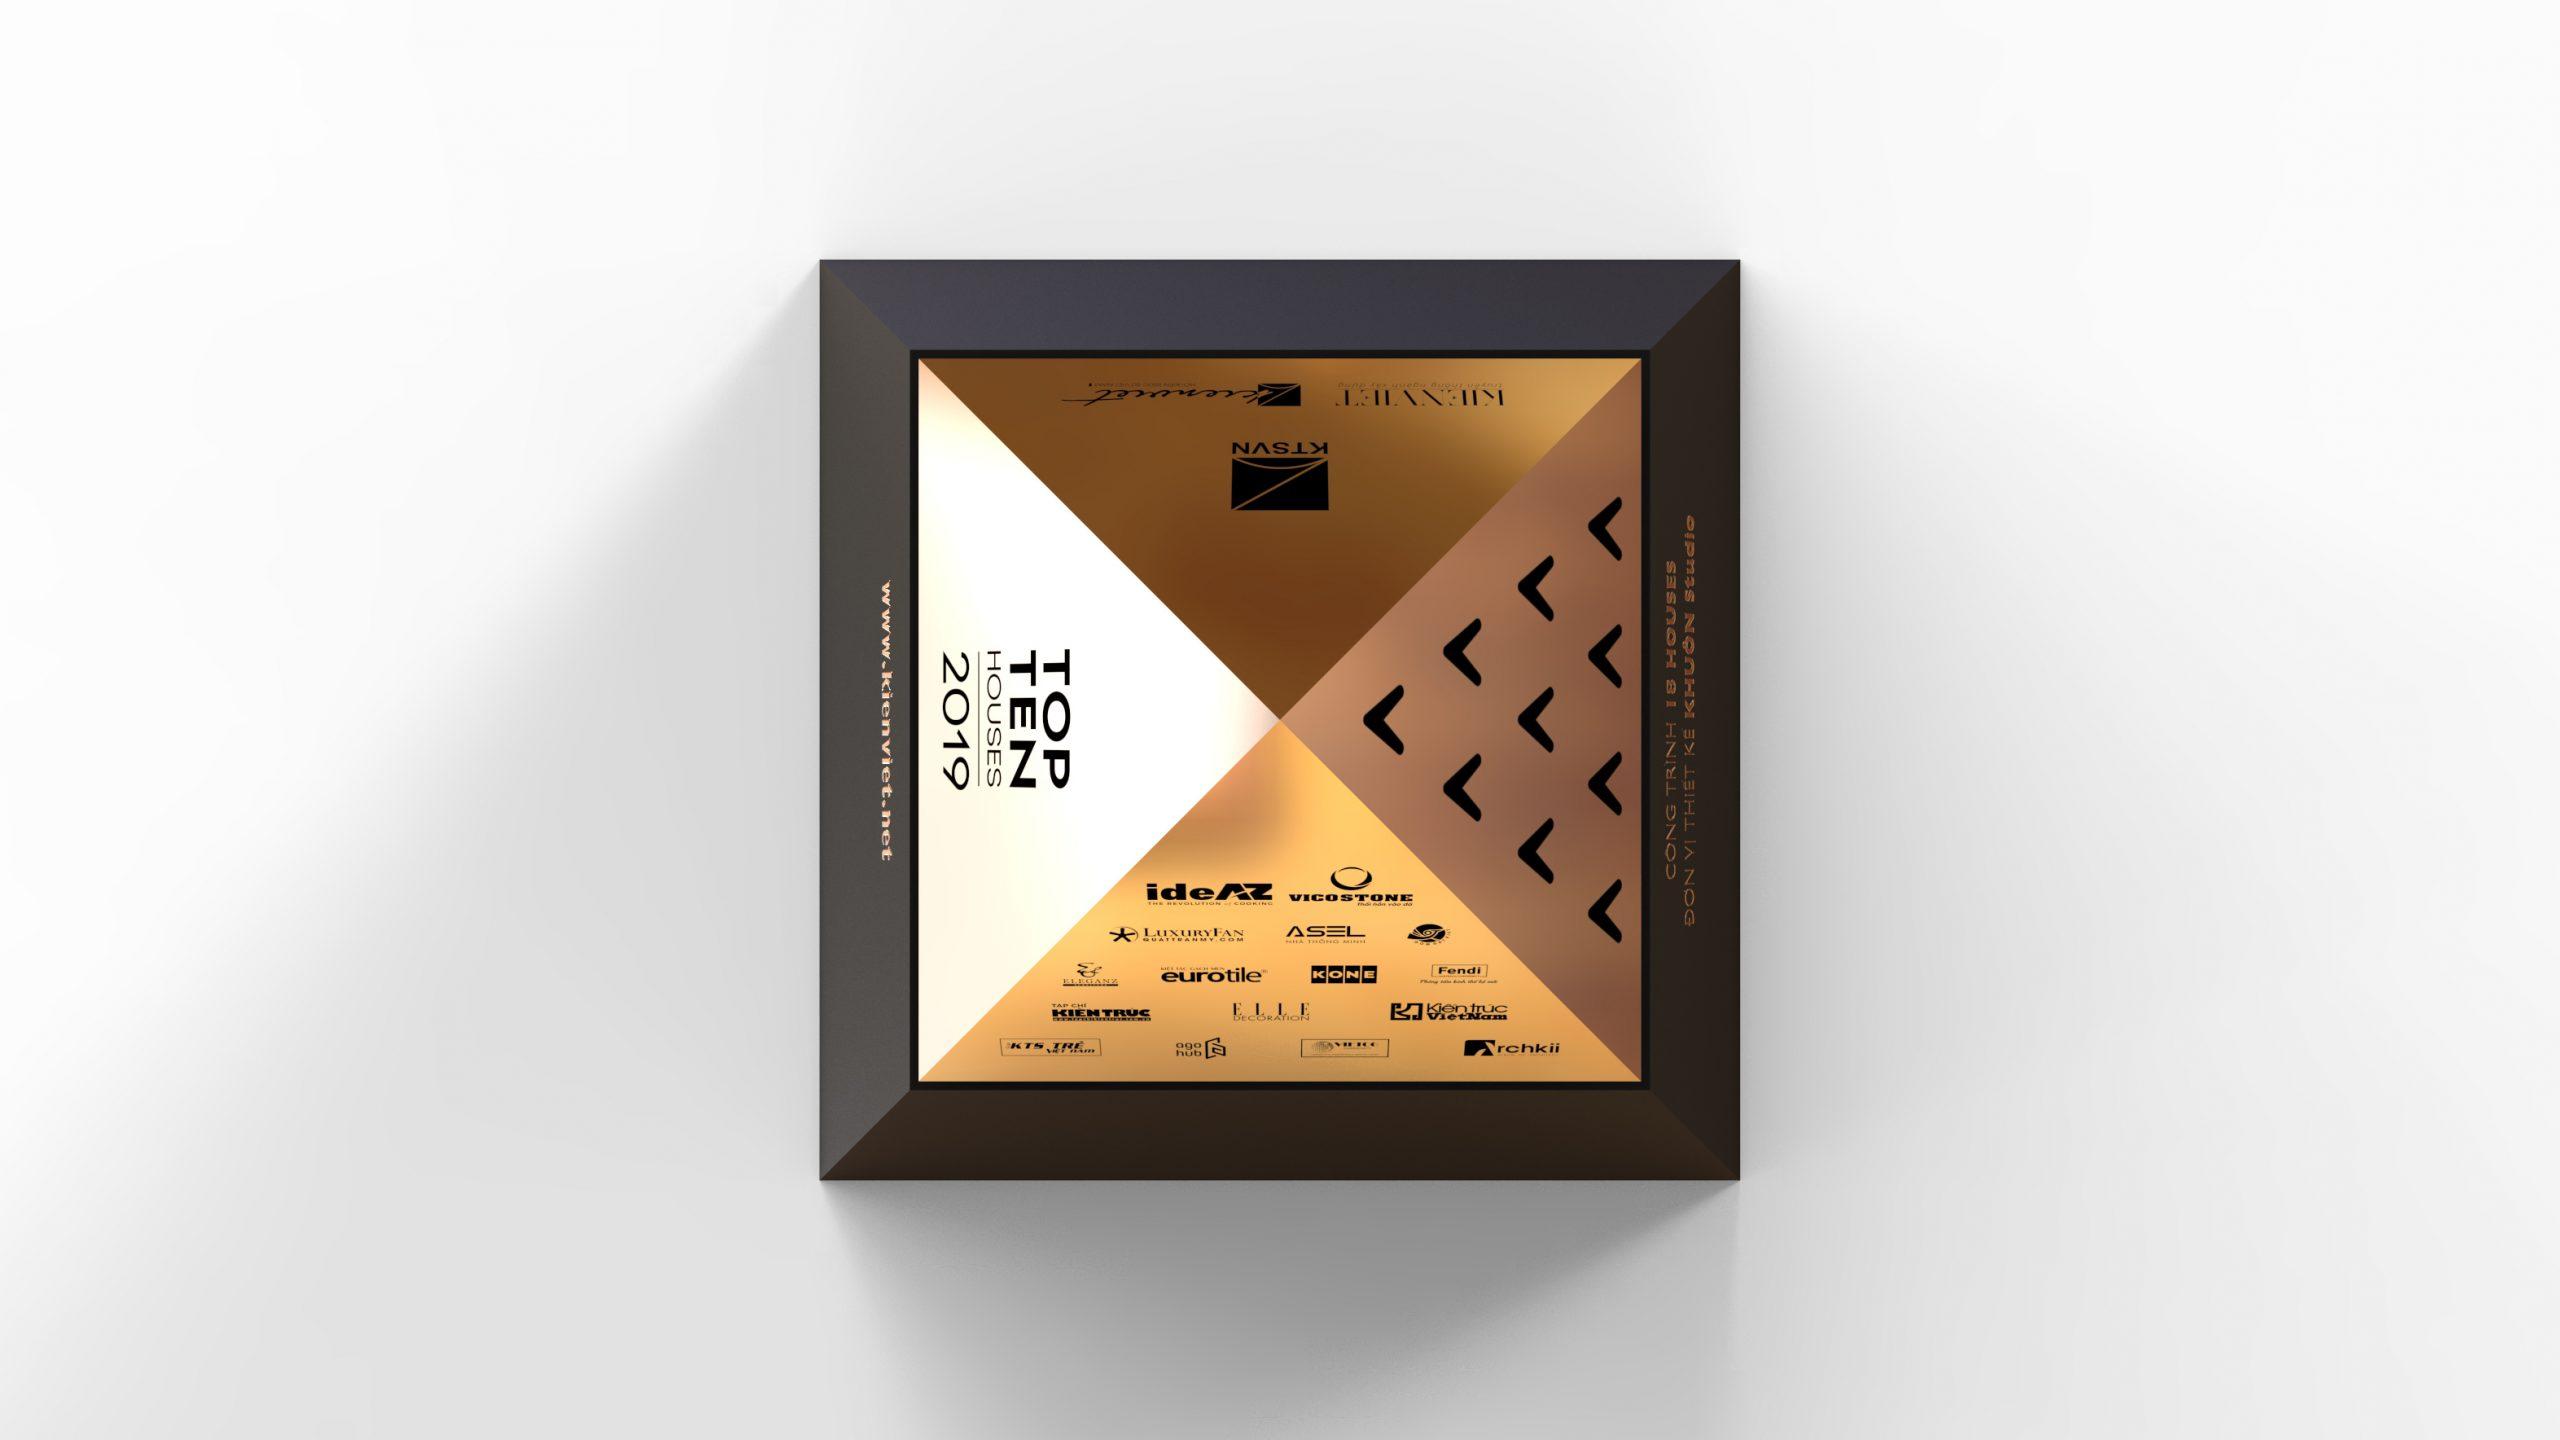 Công bố Thiết kế Cup của giải thưởng Top 10 Houses Awards 2019